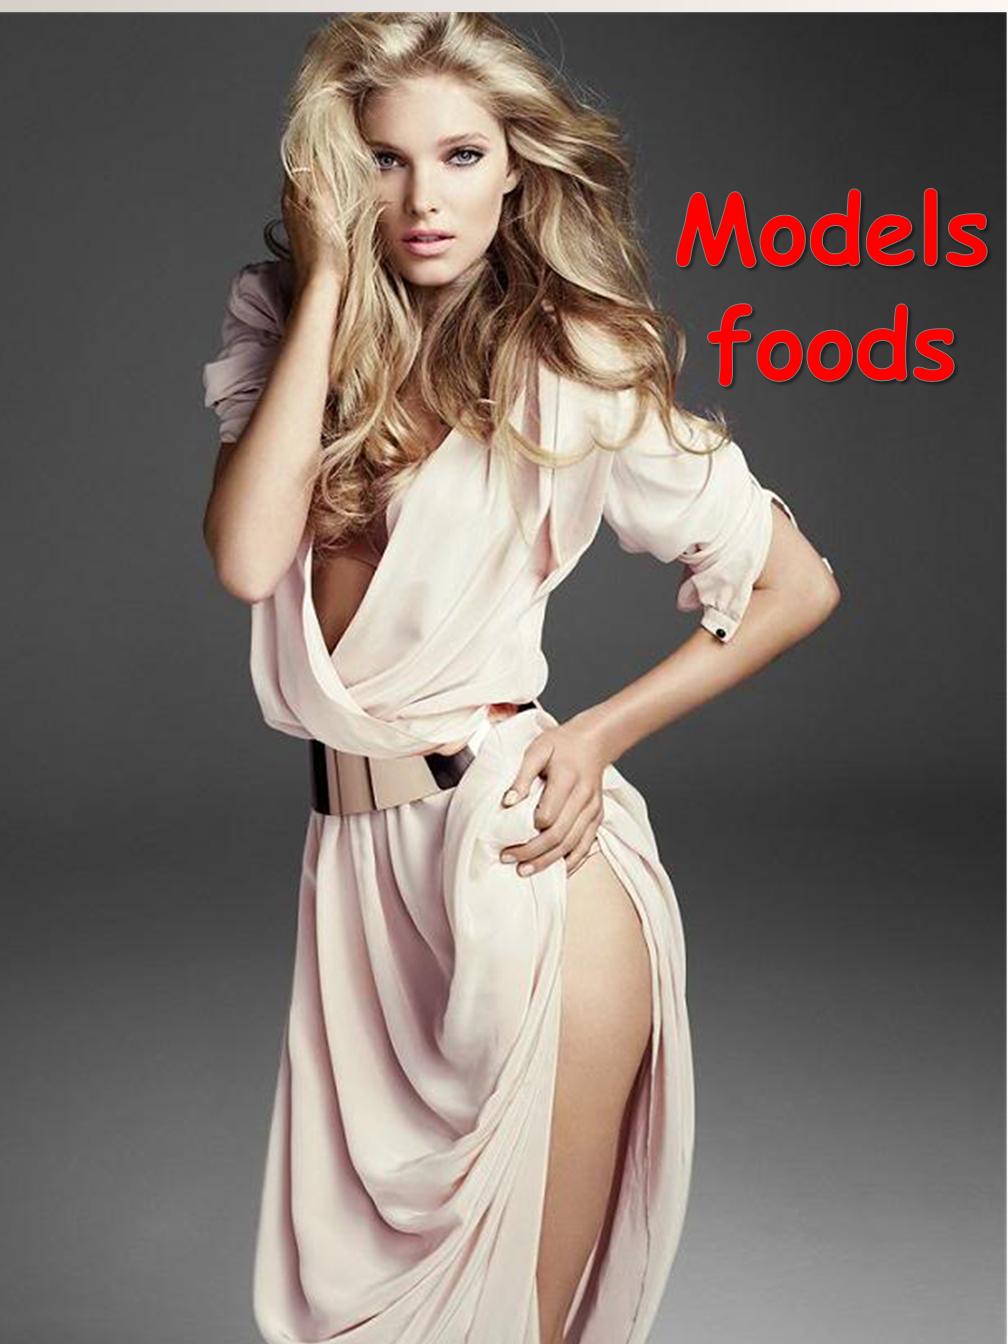 Models Foods